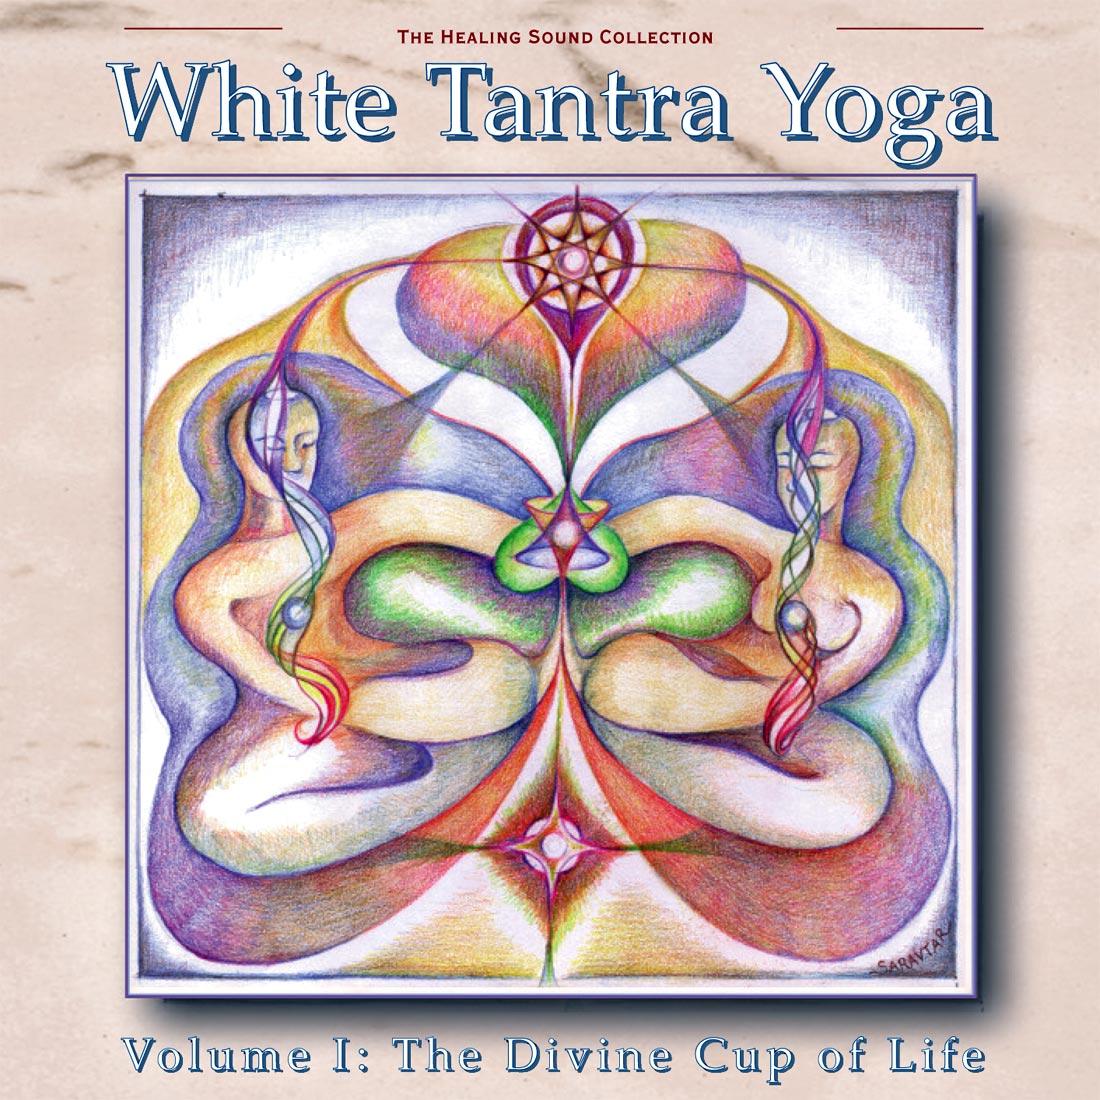 Tantra Yoga: White Tantra Yoga 1, Nirinjan Kaur & Guru Prem Singh CD